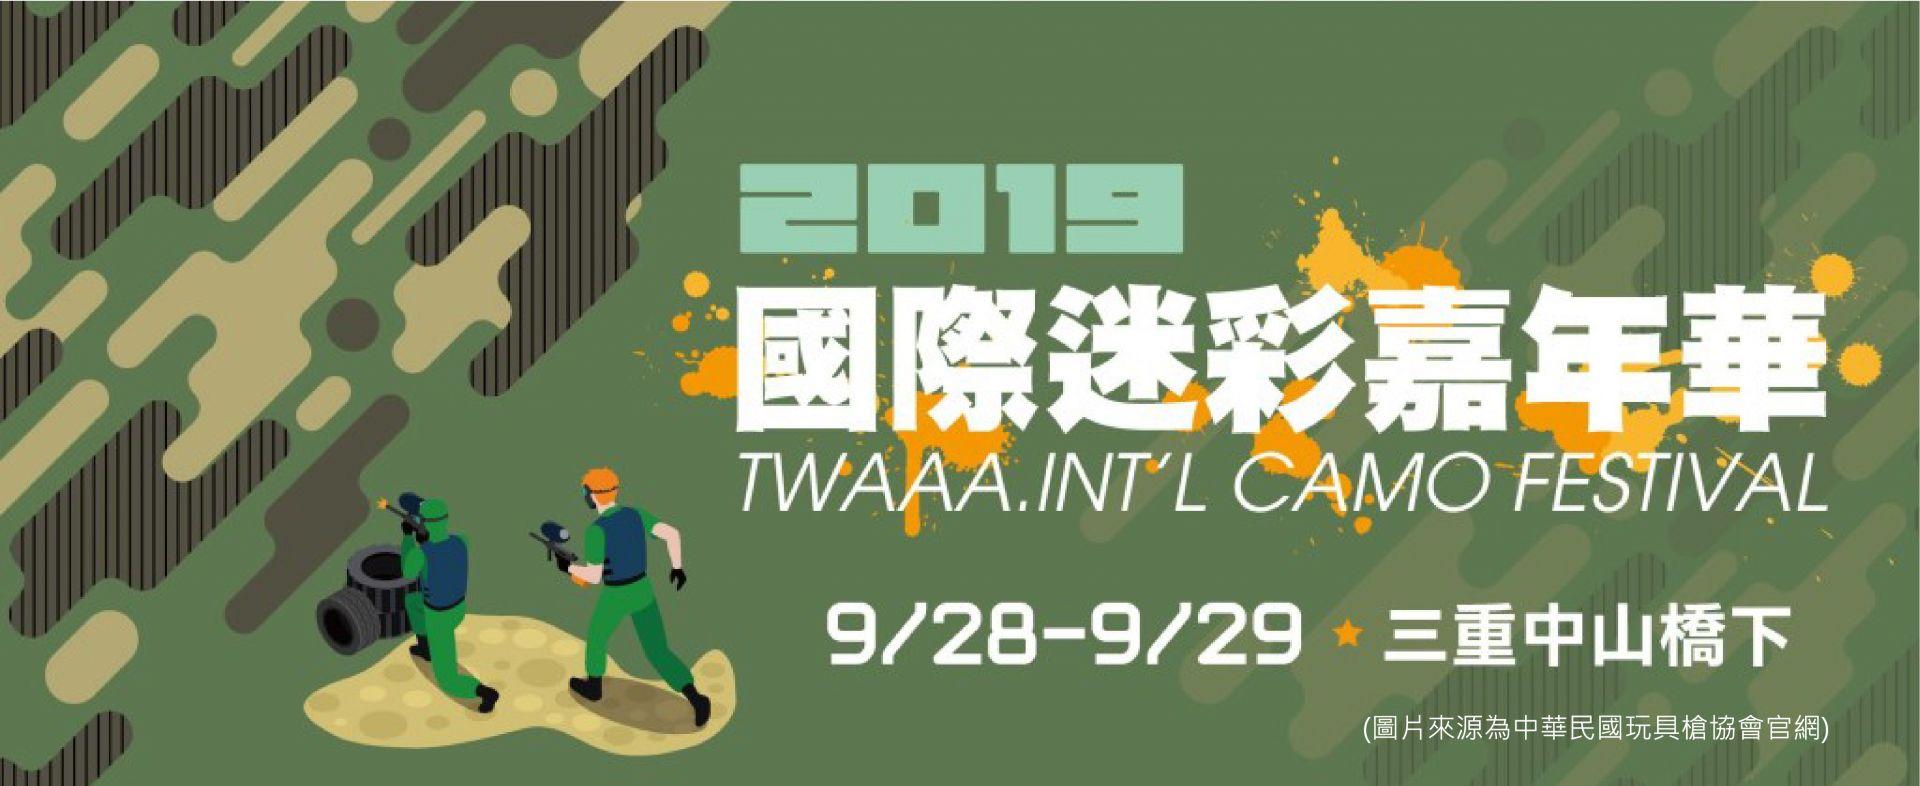 2019台北国際カモフラージュカーニバル - 2019台北国際カモフラージュカーニバル@新北